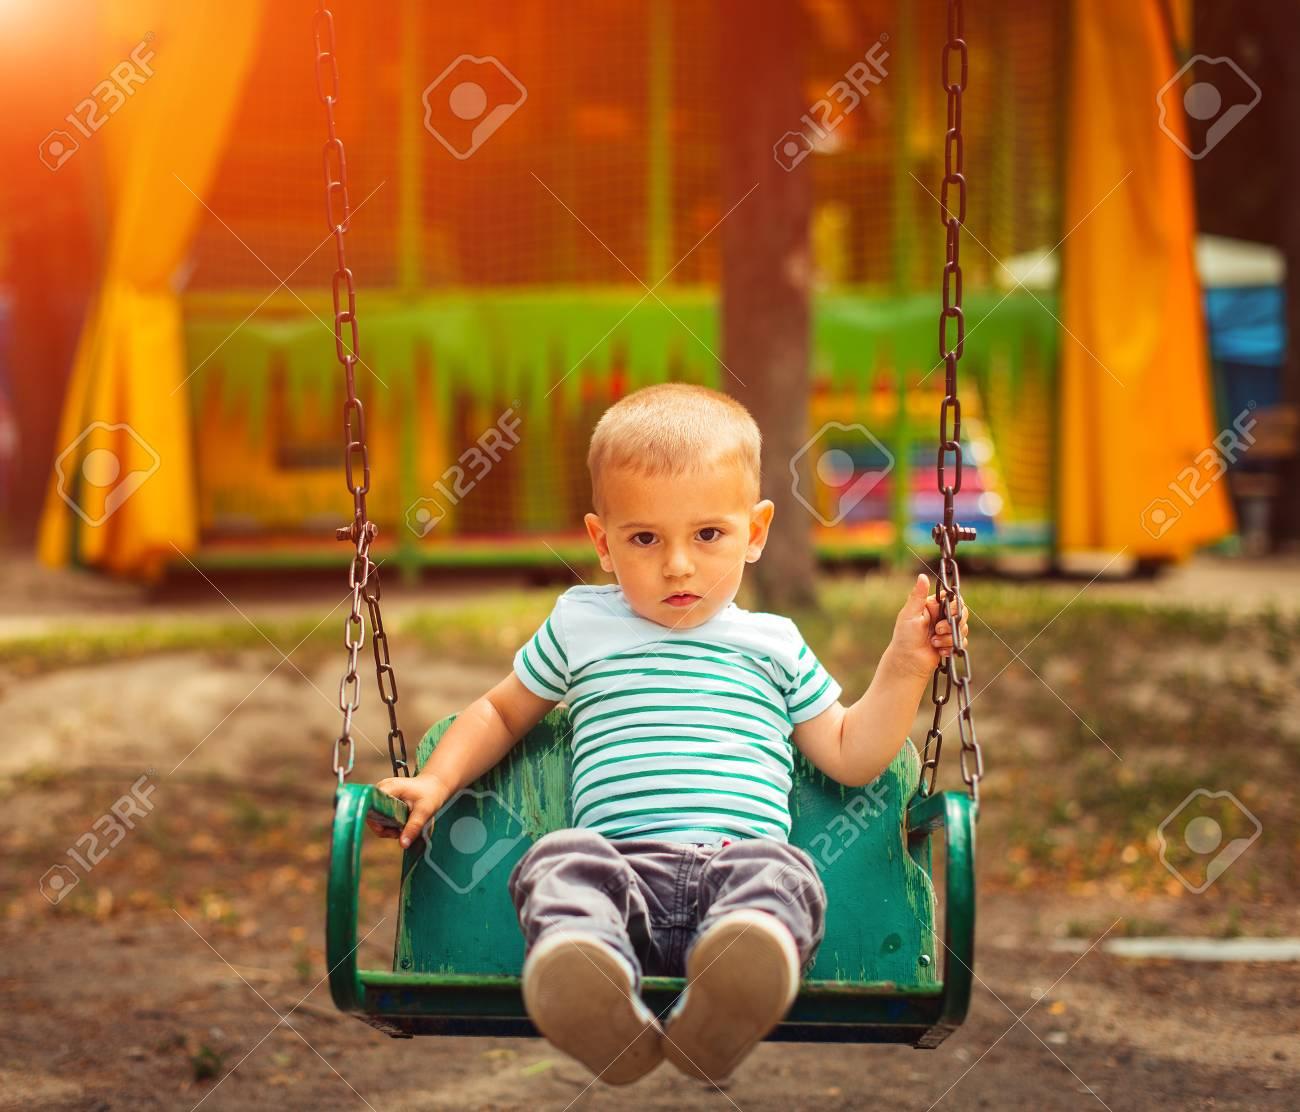 Petit Garçon Blond S'amuser À L'aire De Jeux. Enfant Enfant Jouant Sur Une  Balançoire En Plein Air. Bonne Enfance Active. concernant Les Jeux De Petit Garcon